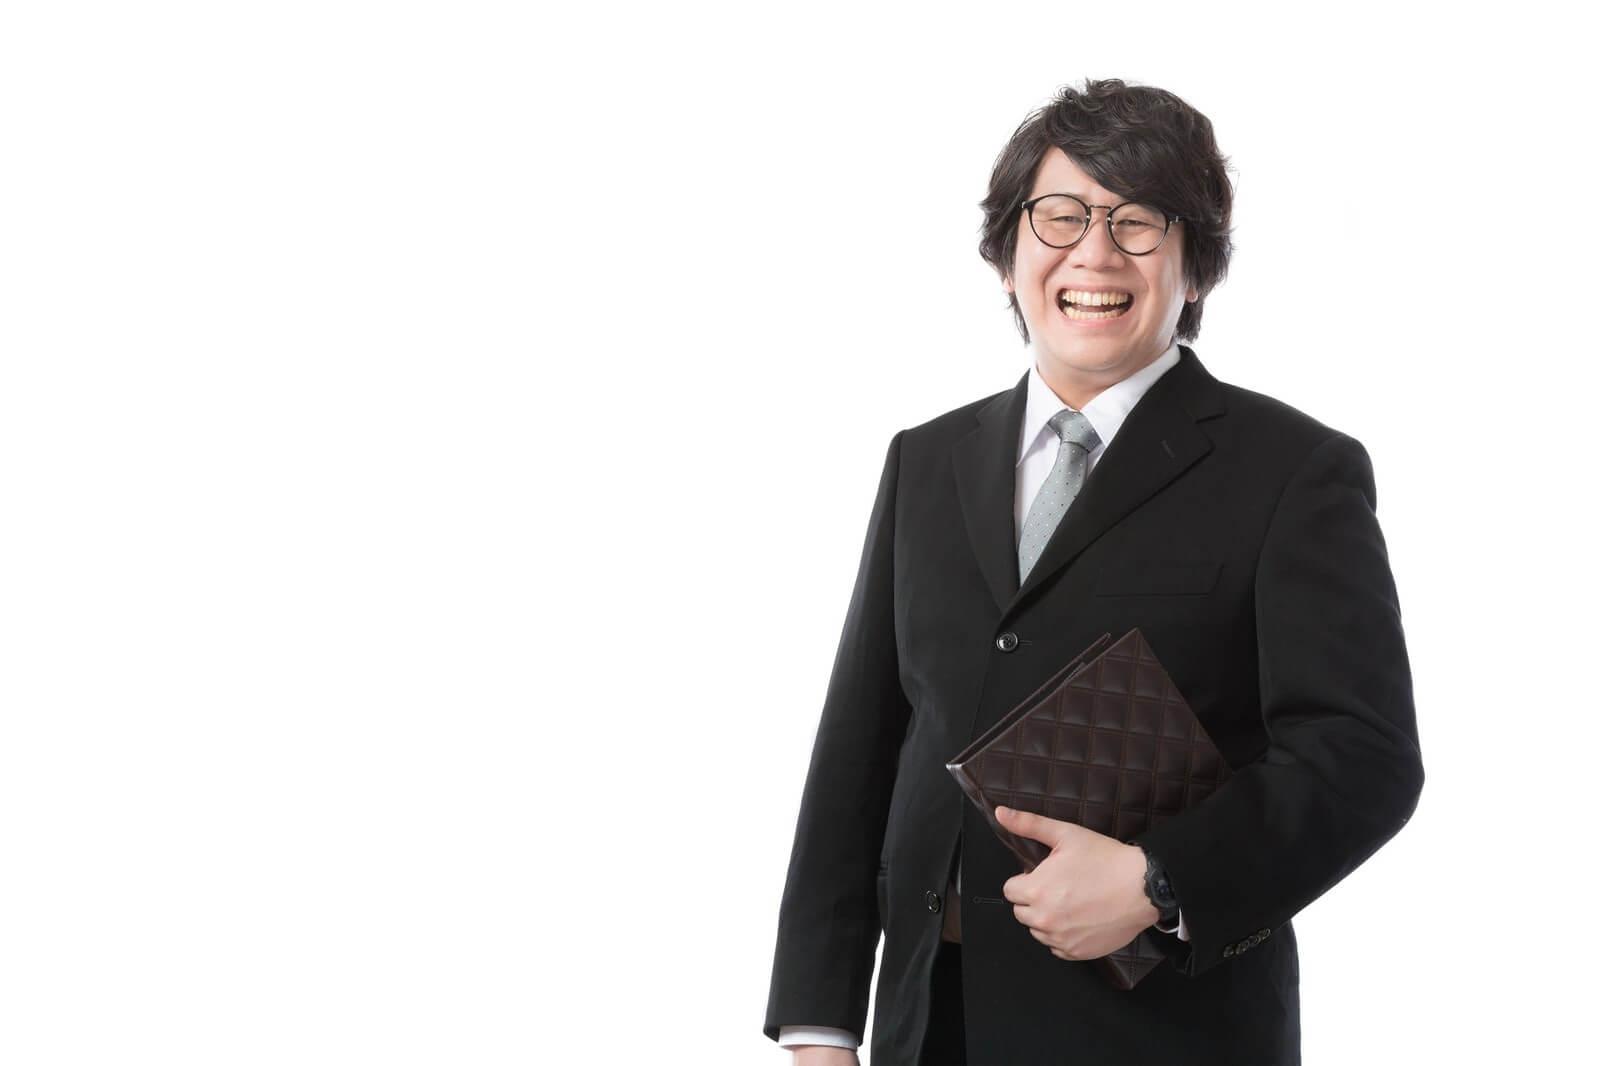 【ベトナム人との国際結婚手続き】行政書士へ依頼する4つのメリット